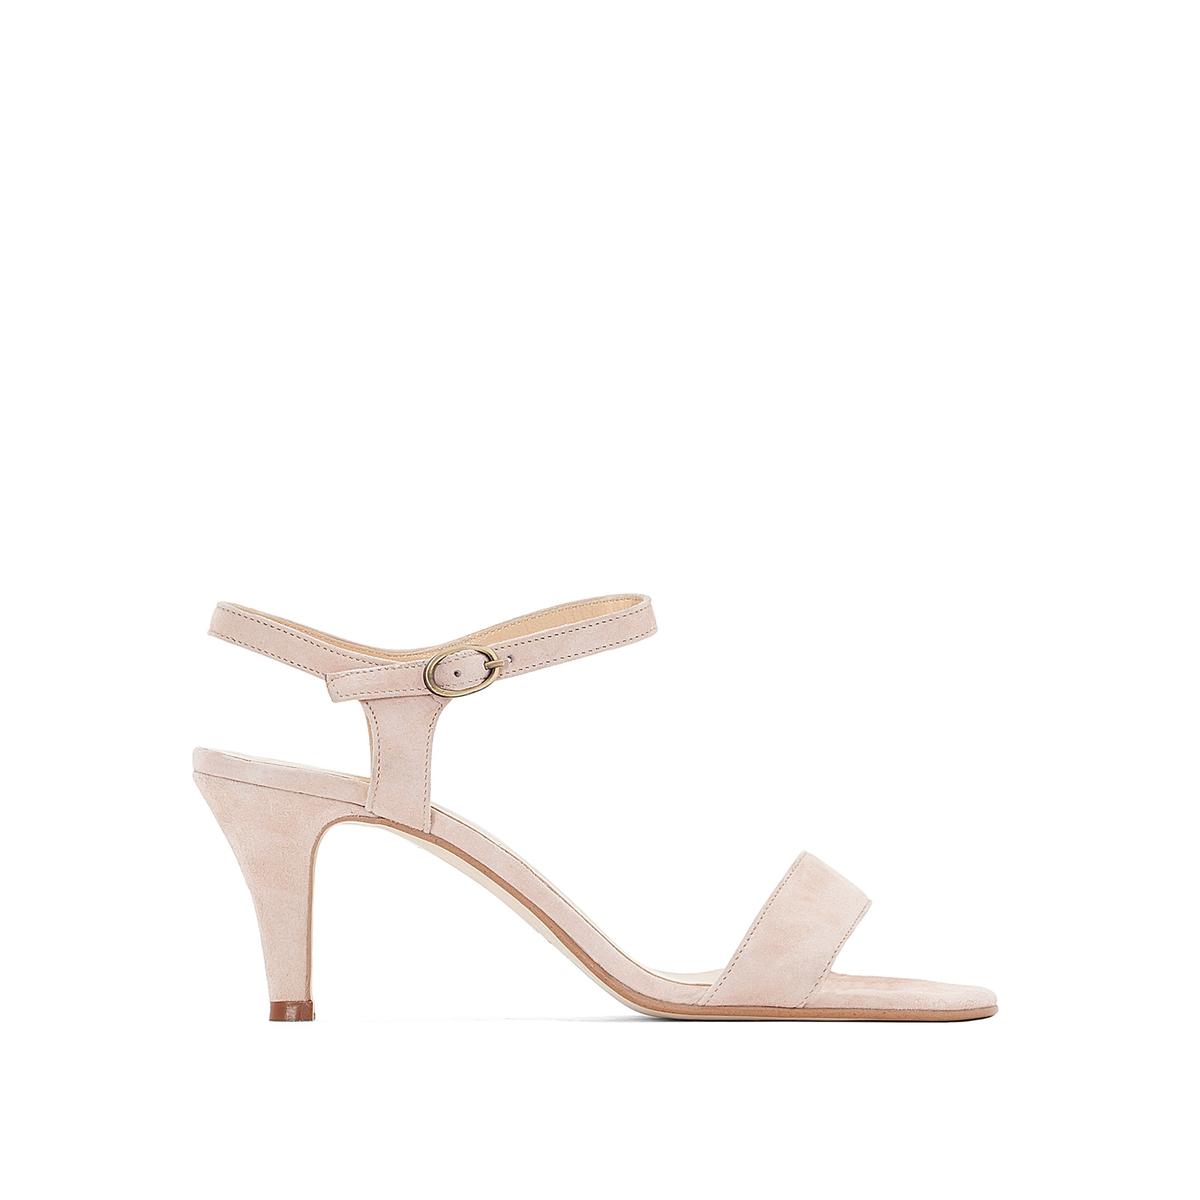 Босоножки кожаные на шпилькеВерх : кожа   Подкладка : кожа   Стелька : кожа   Подошва : эластомер   Высота каблука : 6 см   Форма каблука : шпилька   Мысок : открытый   Застежка : пряжка<br><br>Цвет: розовый,телесный